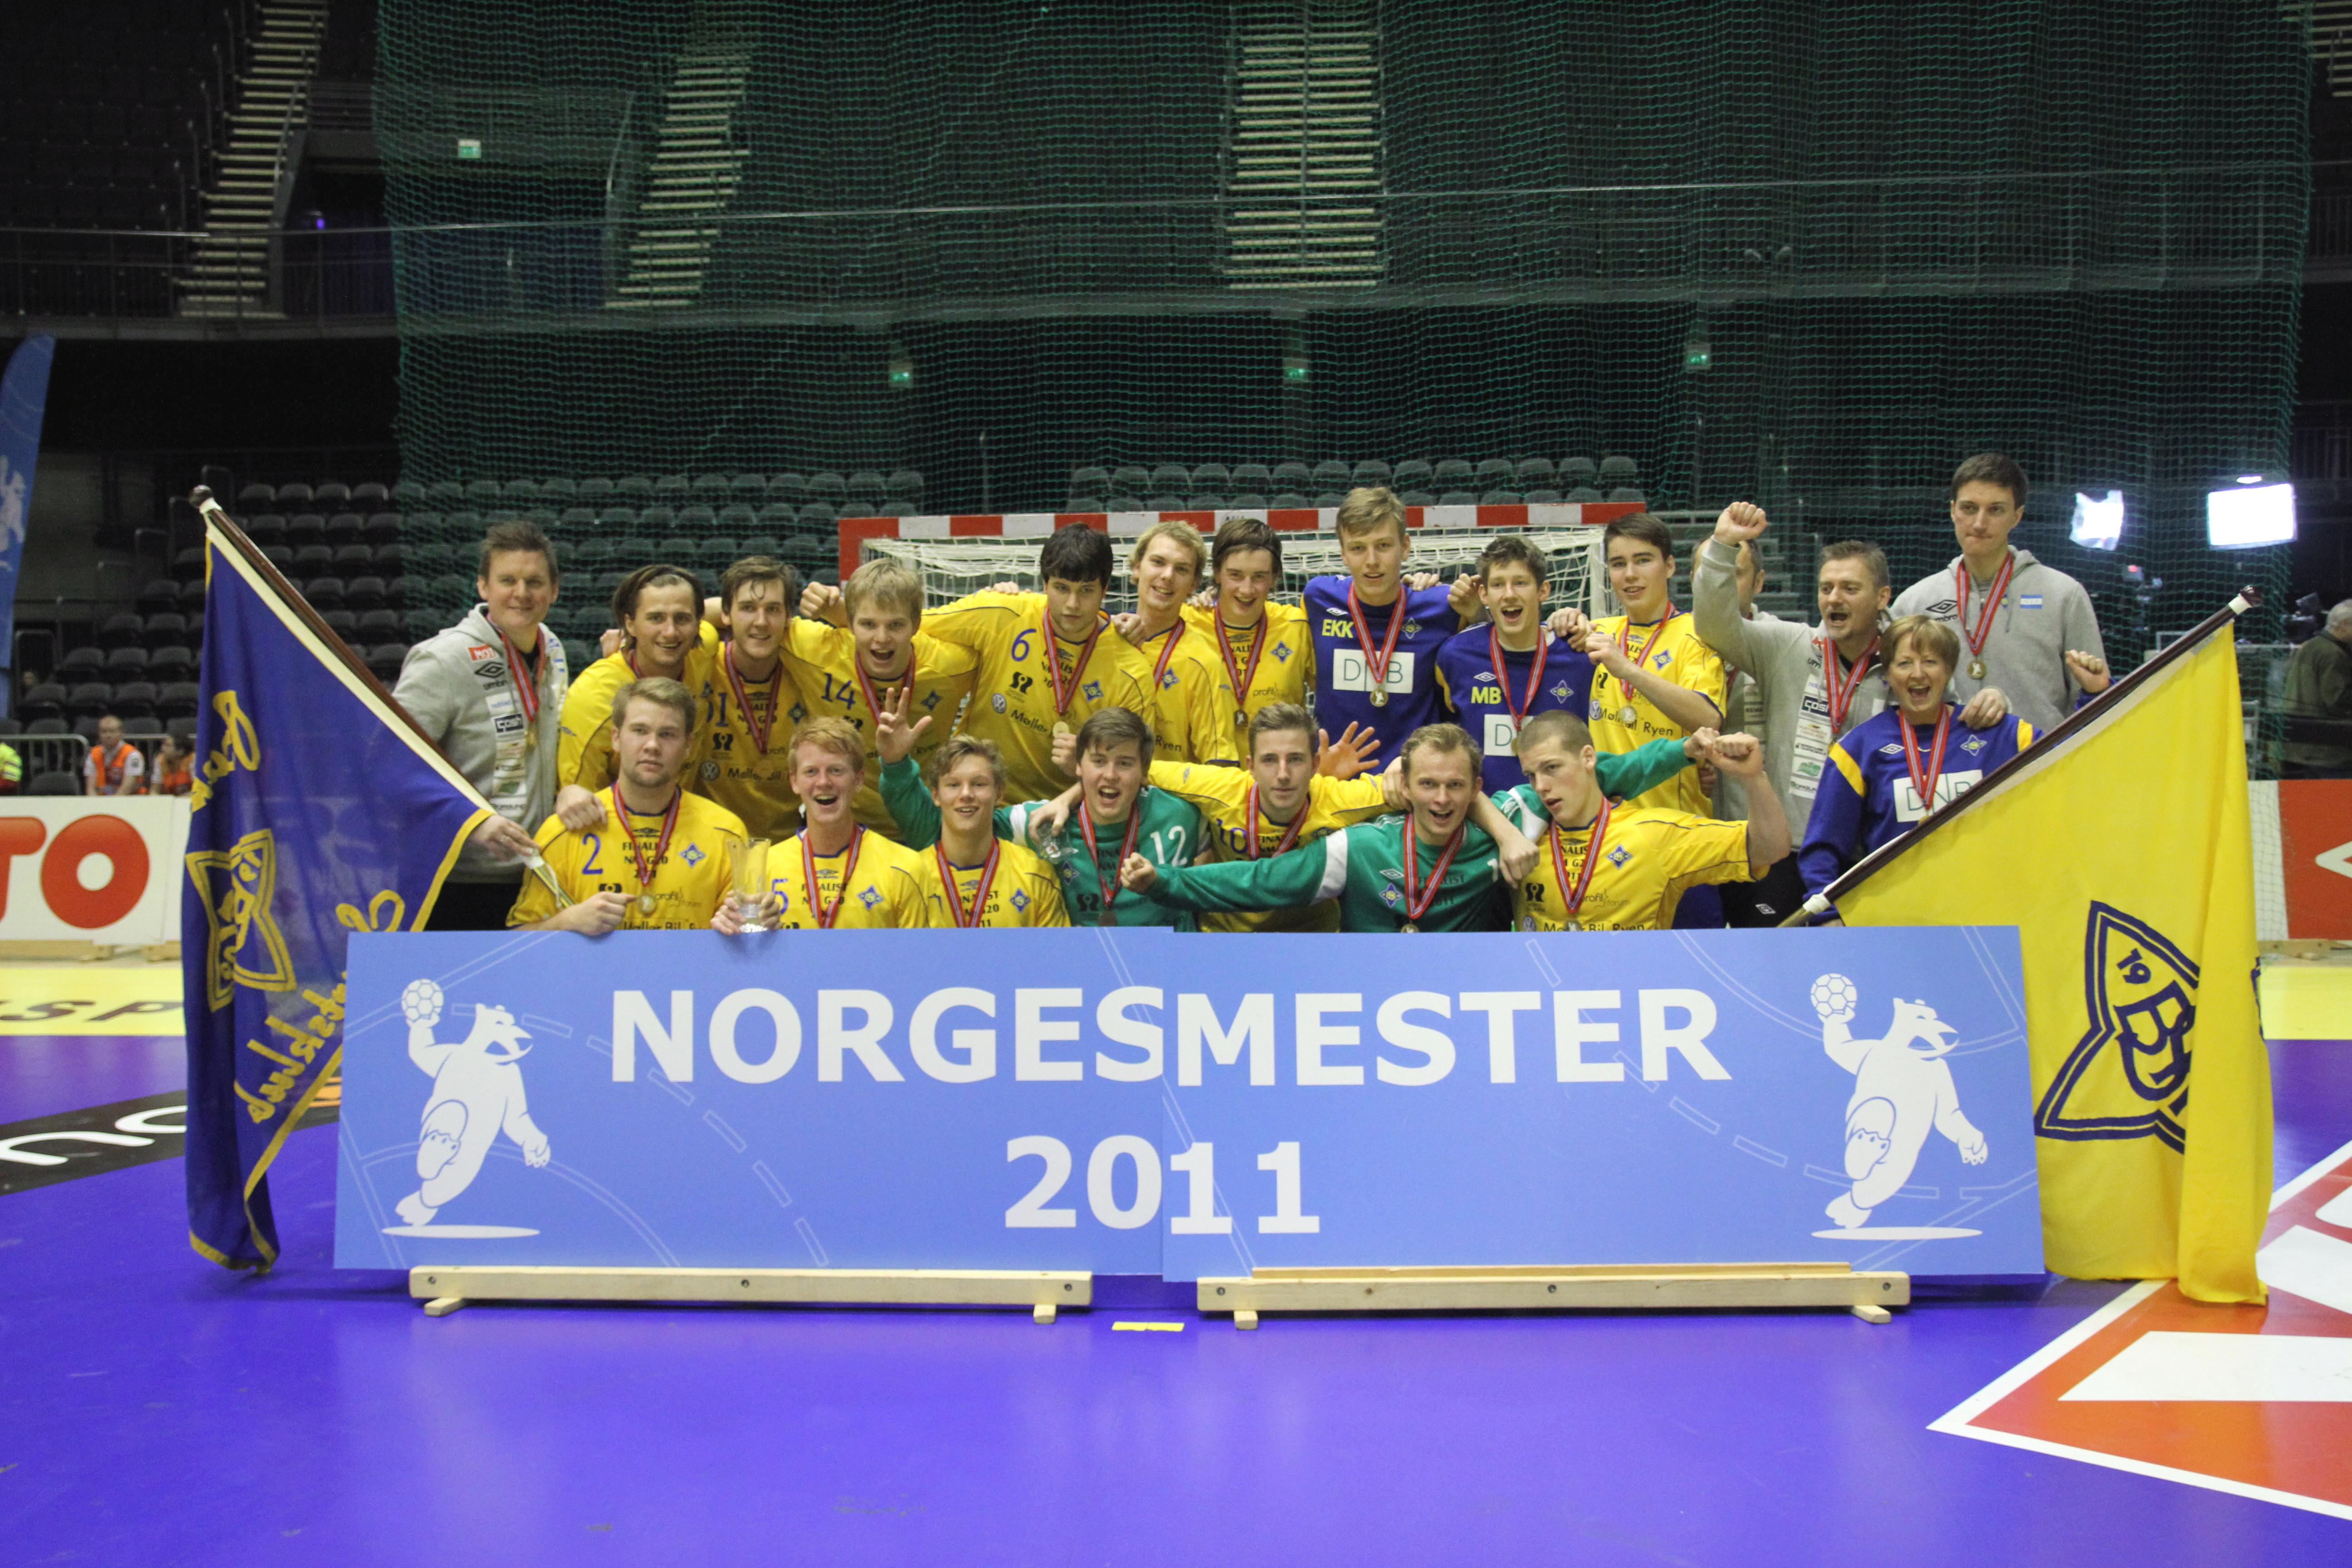 Bækkelagets juniorer ble Norgesmester i 2011 - kan de nå ha noe på gang på seniorsiden? | Foto: Bjørn Kenneth Muggerud